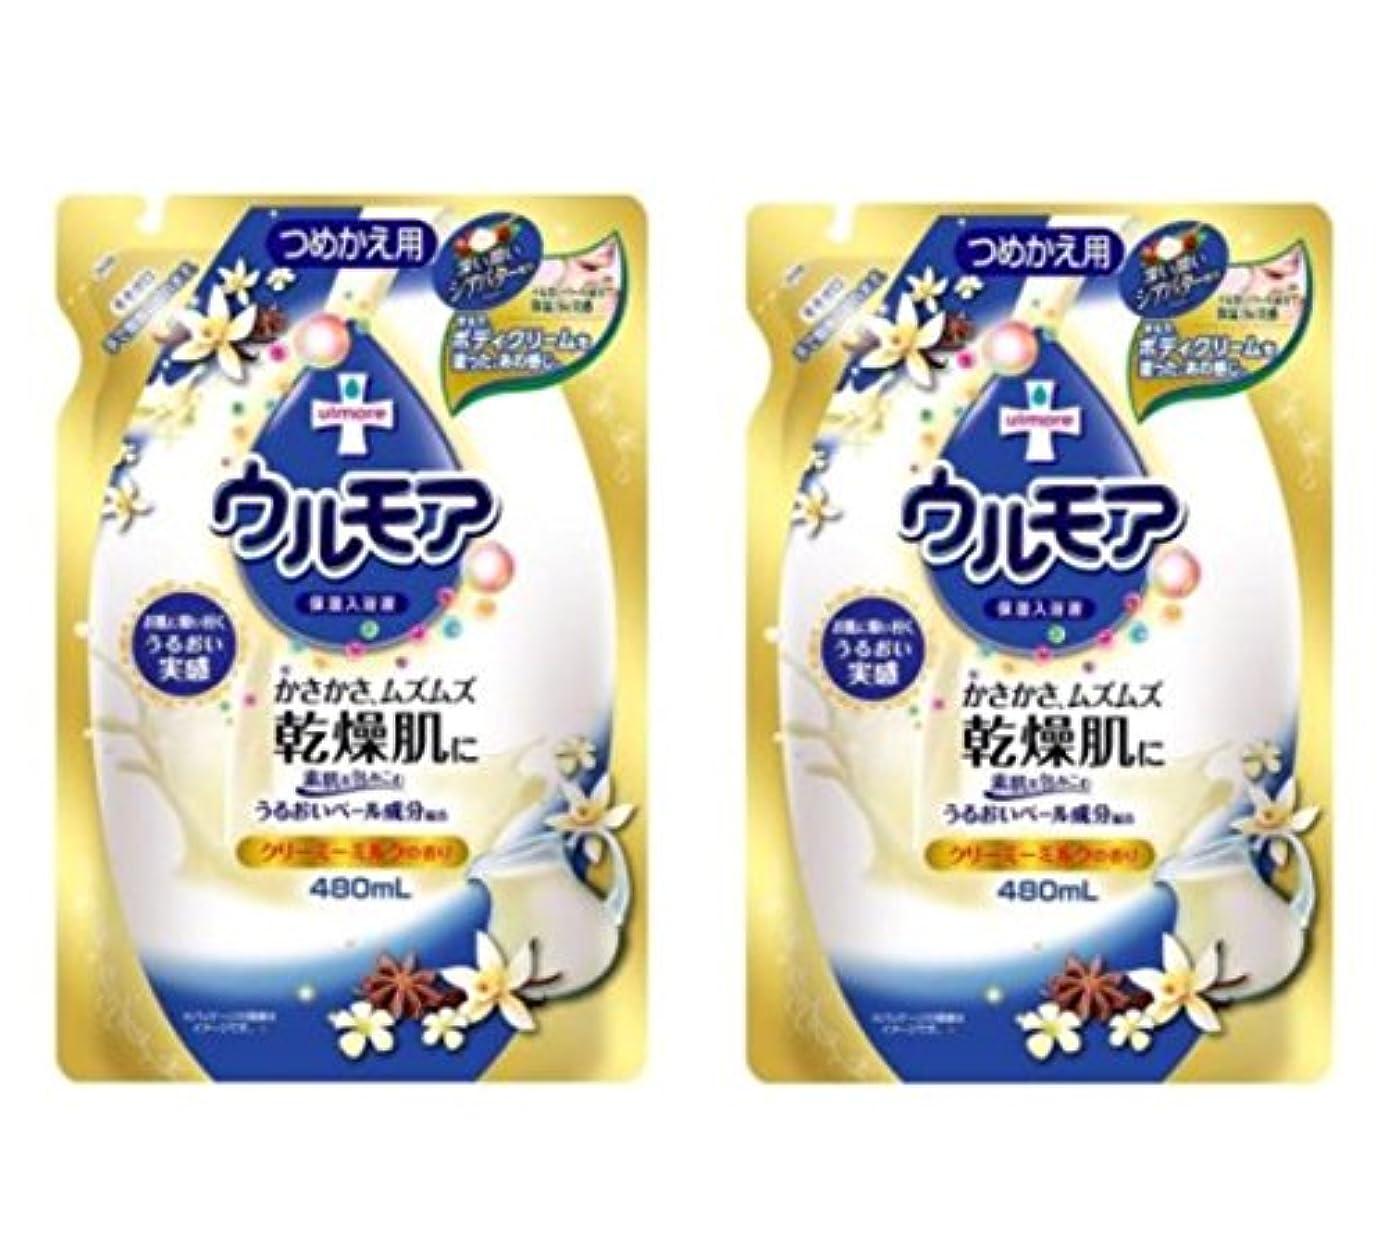 浮く六やろうアース製薬 保湿入浴液 ウルモア クリーミーミルク詰替 480ml×2個セット